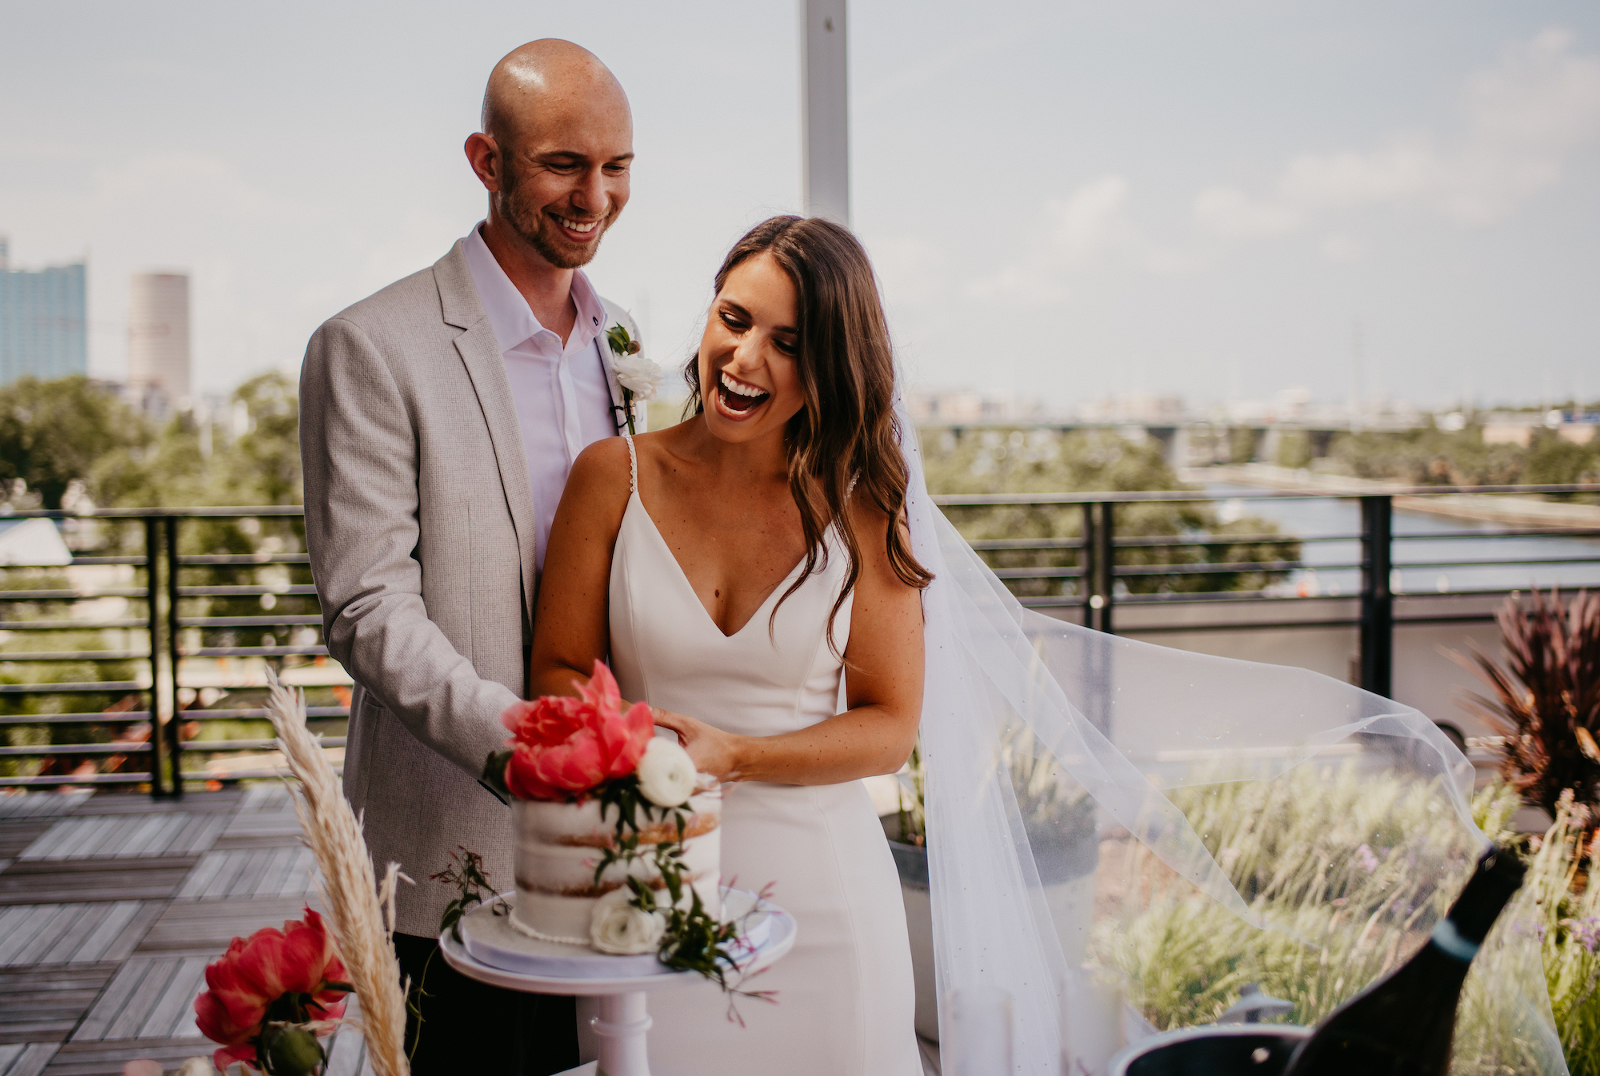 Tampa Bay Wedding Elopement Planning | Elope Tampa Bay